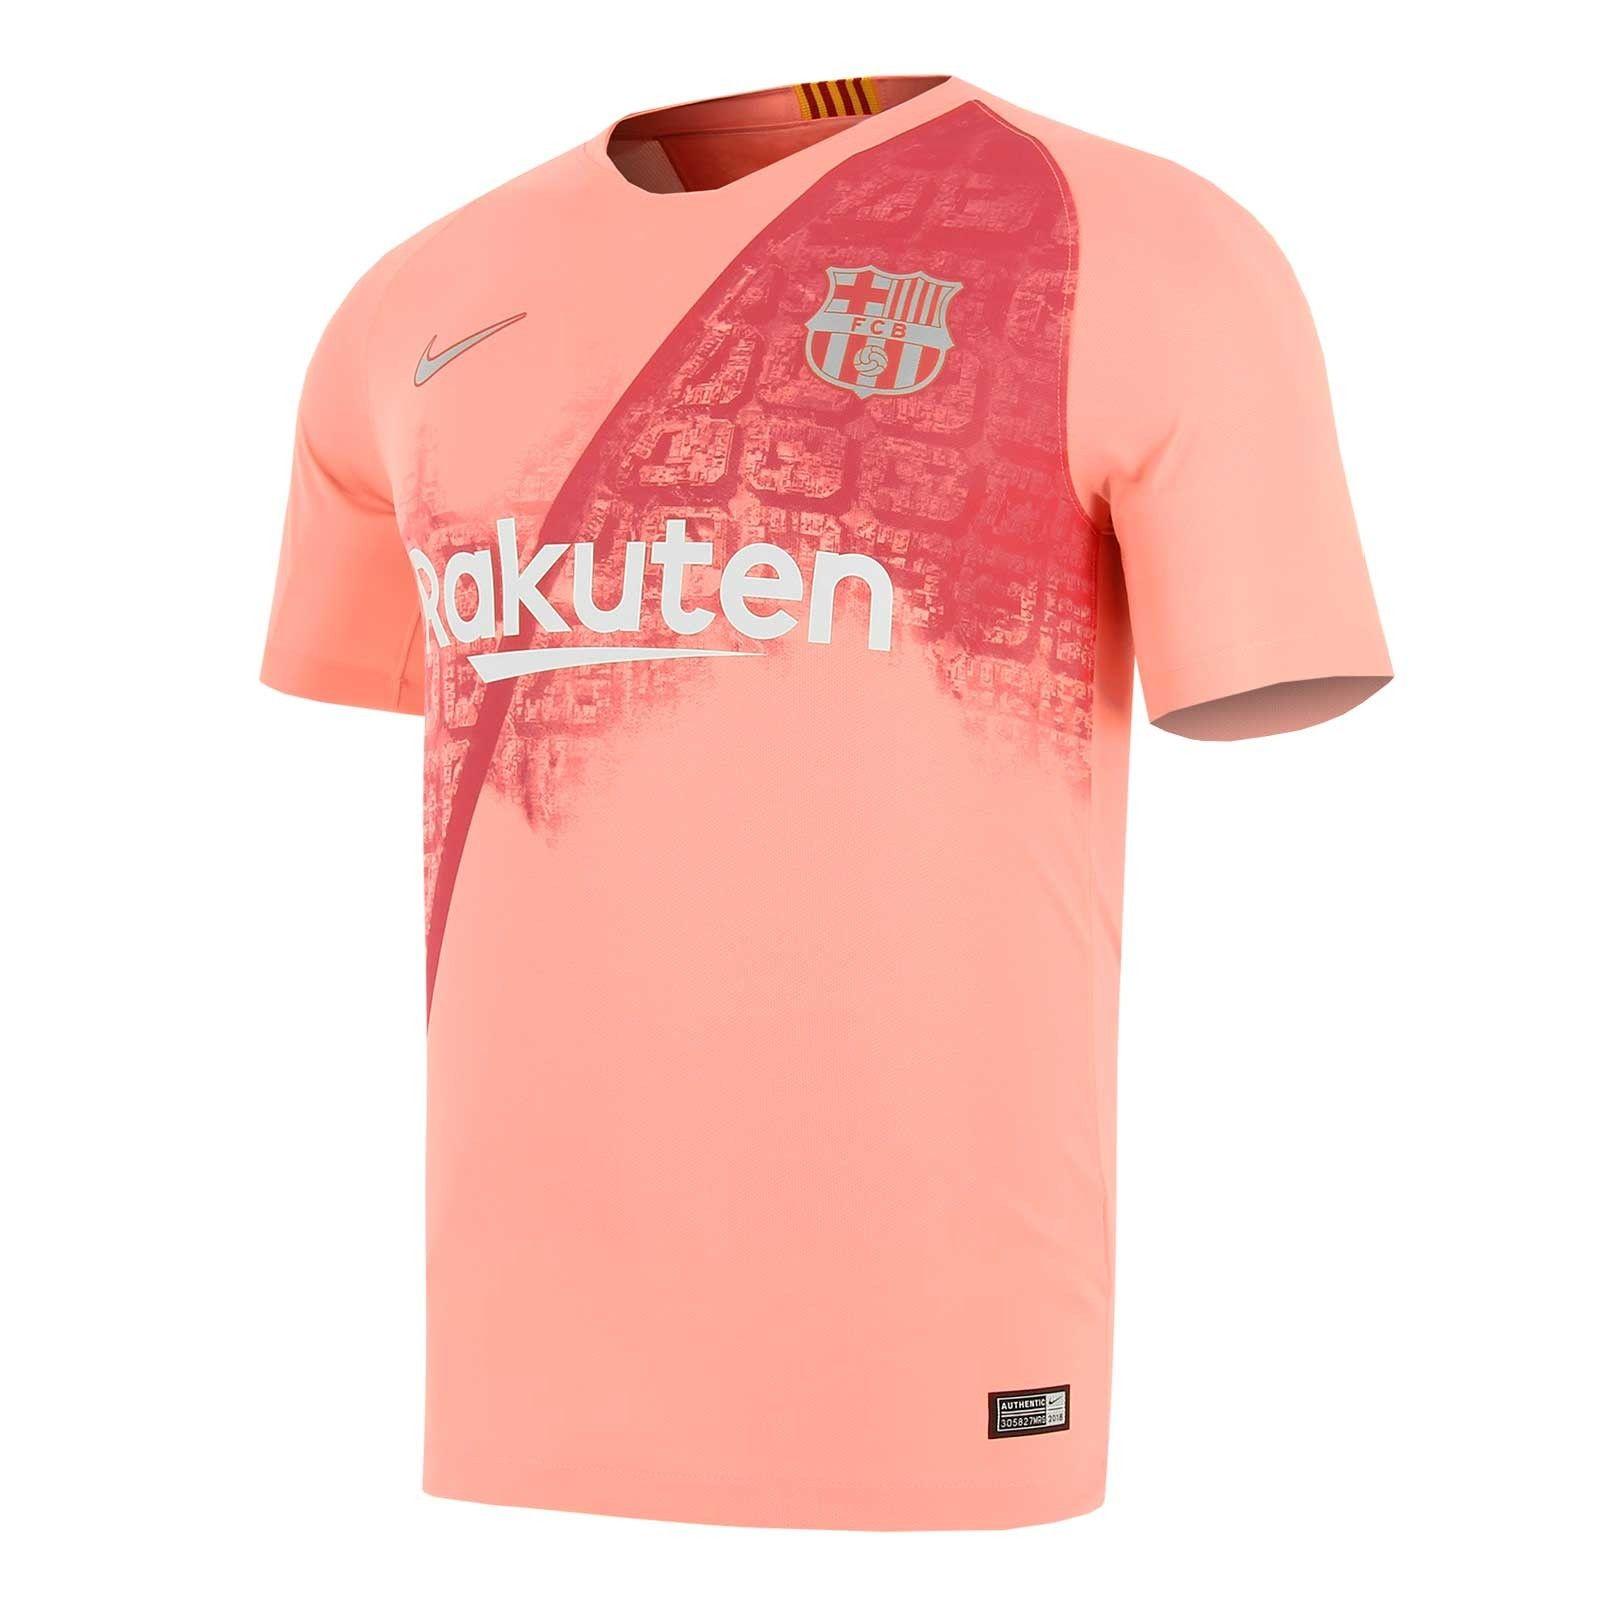 Camiseta Nike Barcelona 3a 2018 2019 Stadium  d3a05d550ec